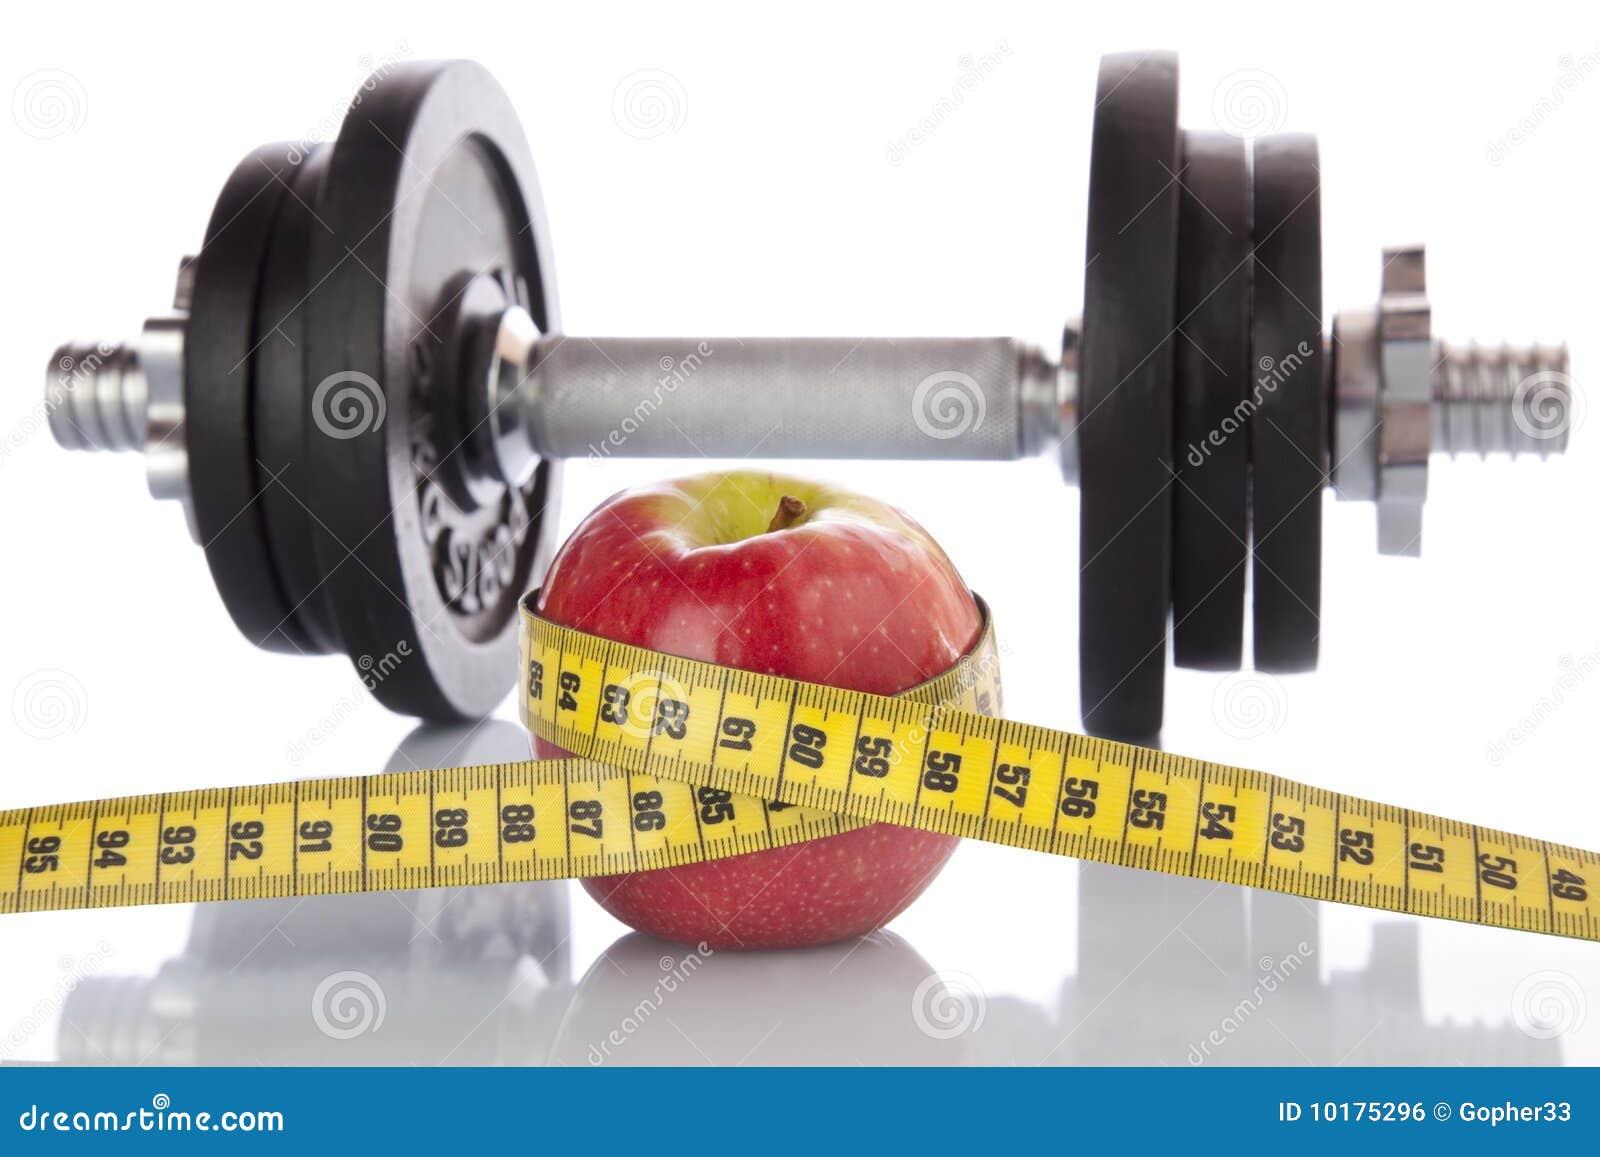 dieet en sporten